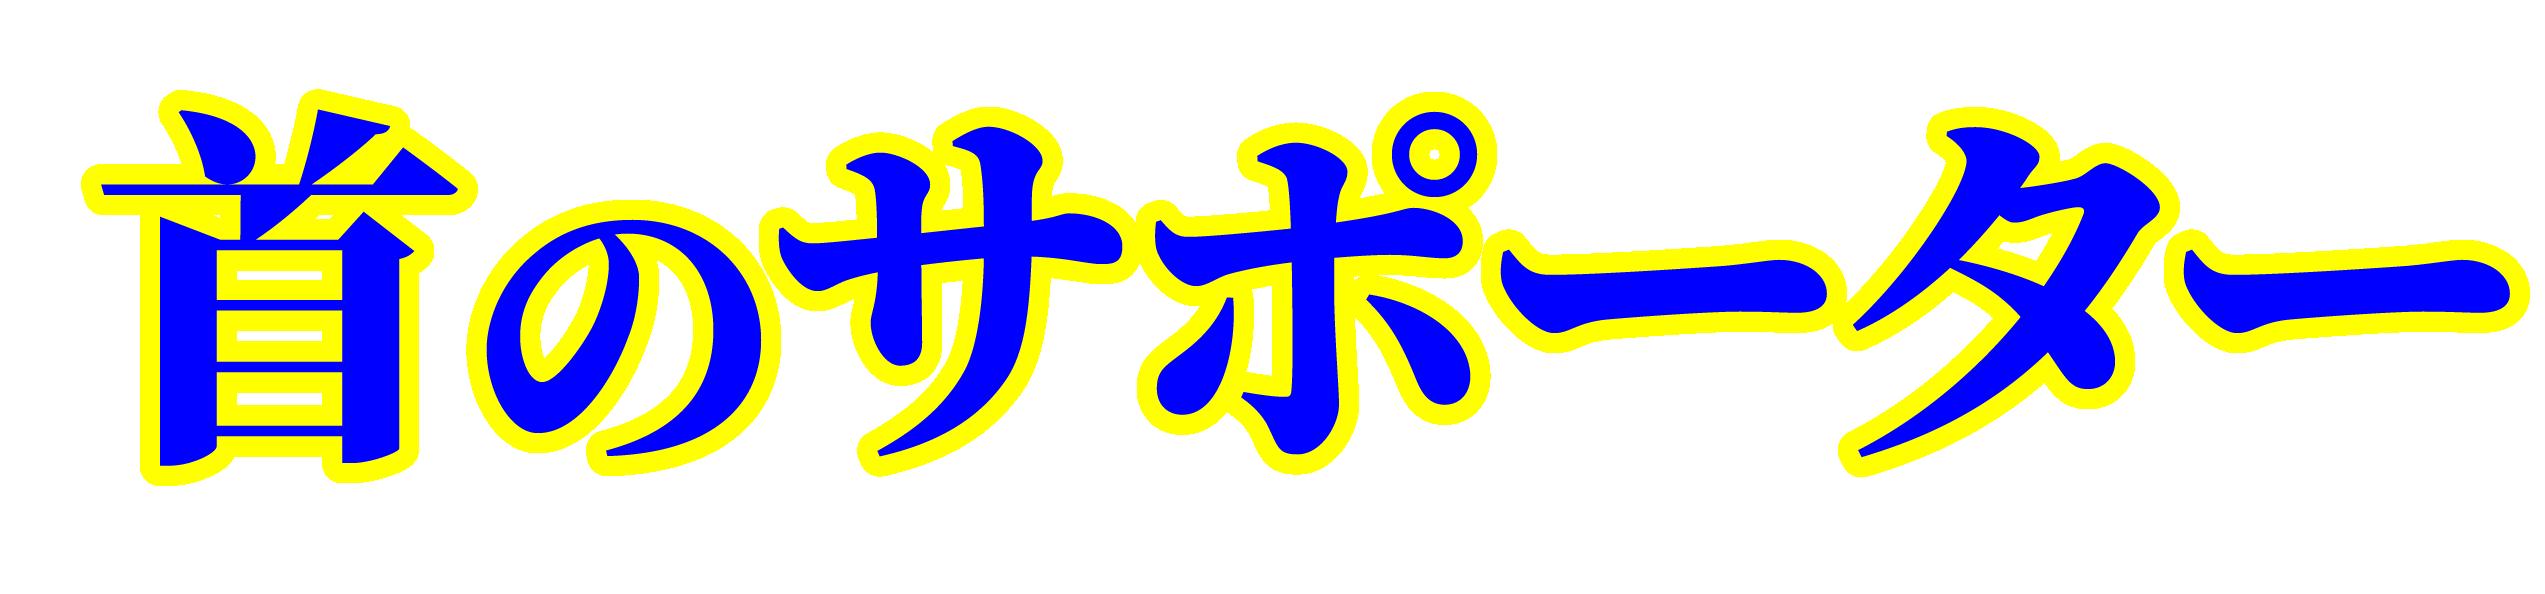 「首のサポーター」文字デザインイラスト!無料ダウンロード素材